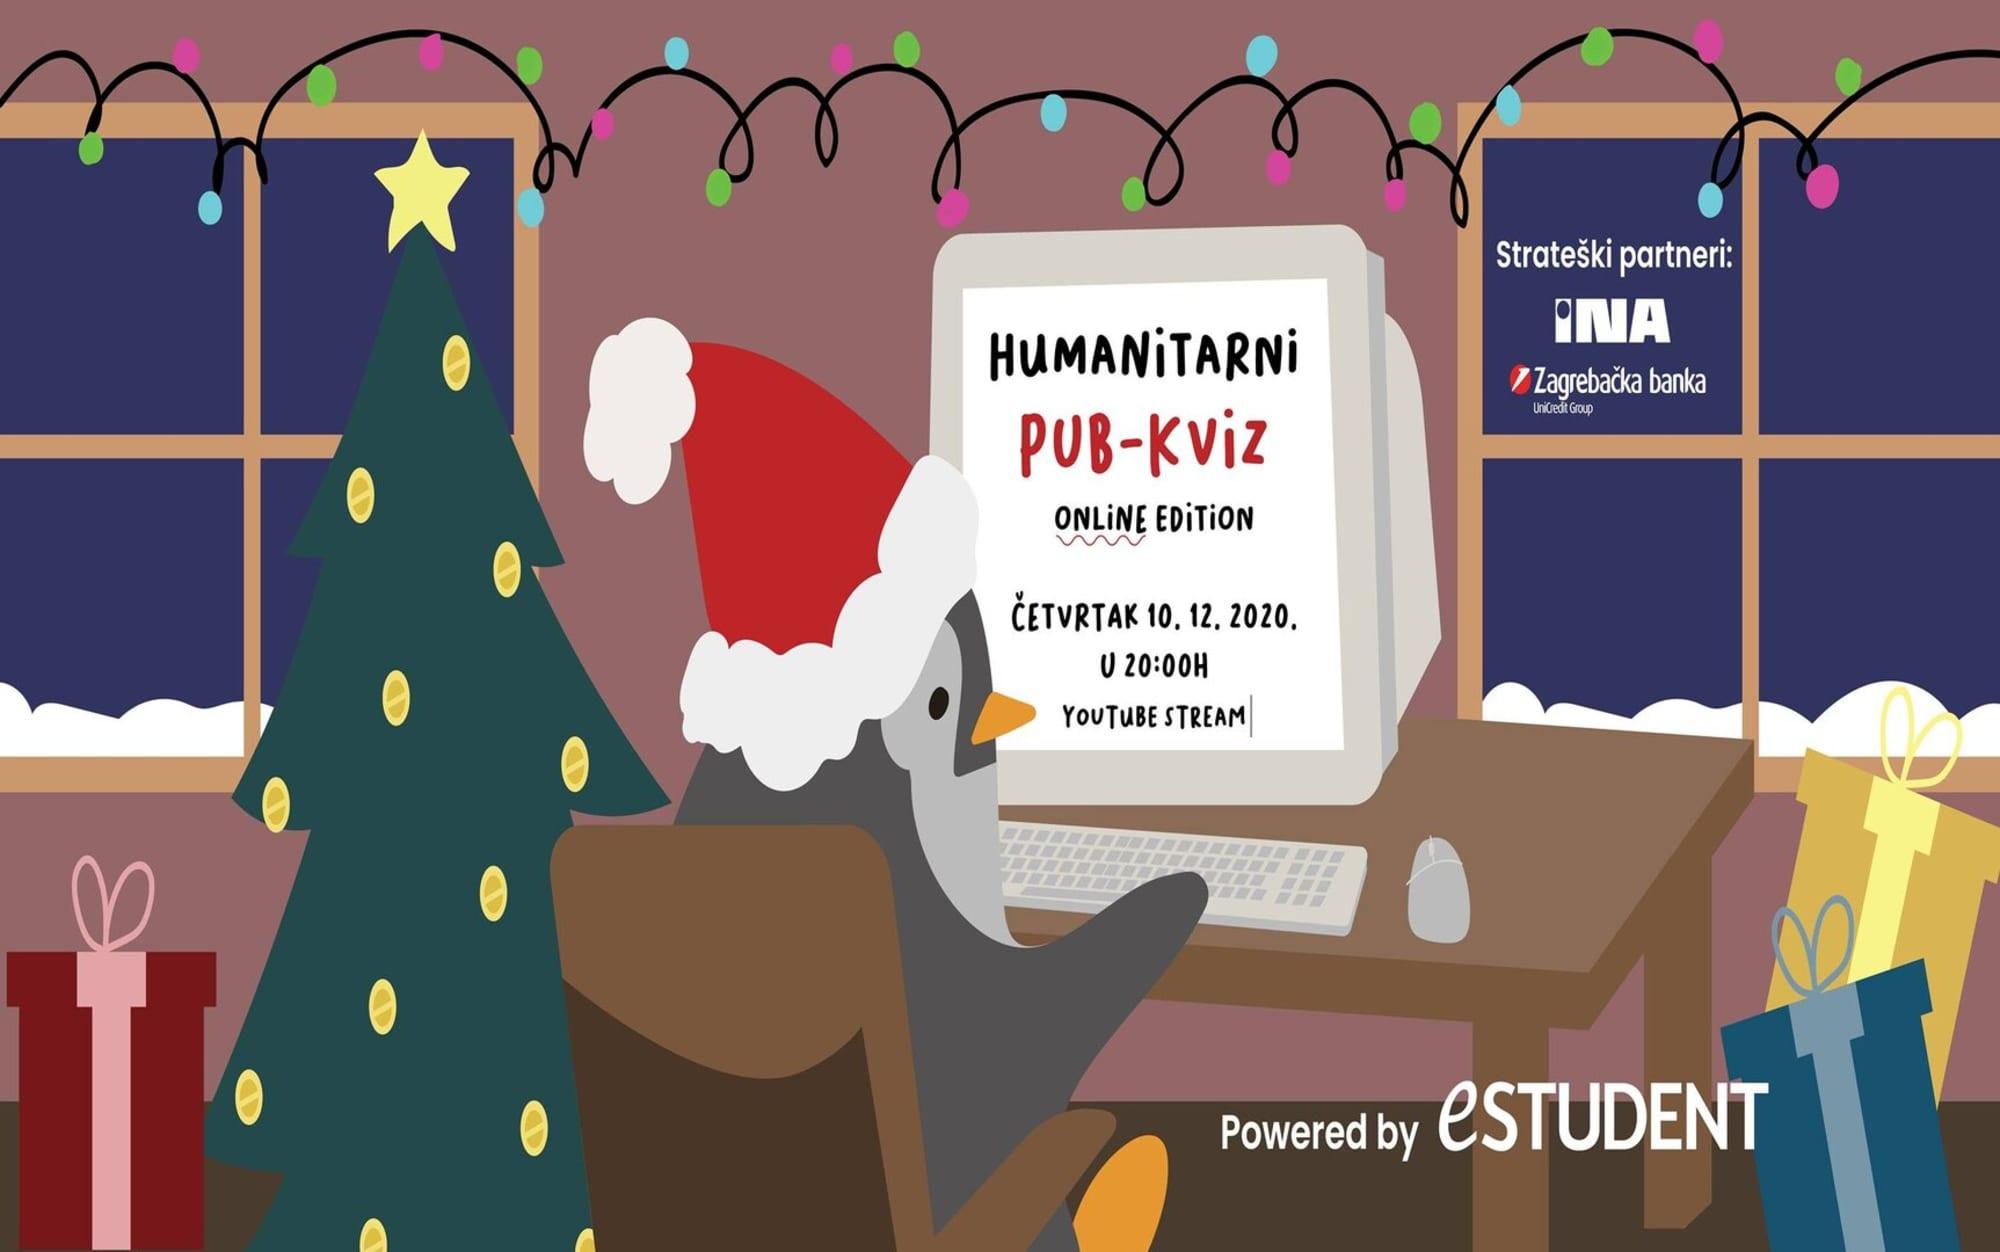 Brojne donacije, smijeh i nagrade - Humanitarni Pub Kviz je oduševio!